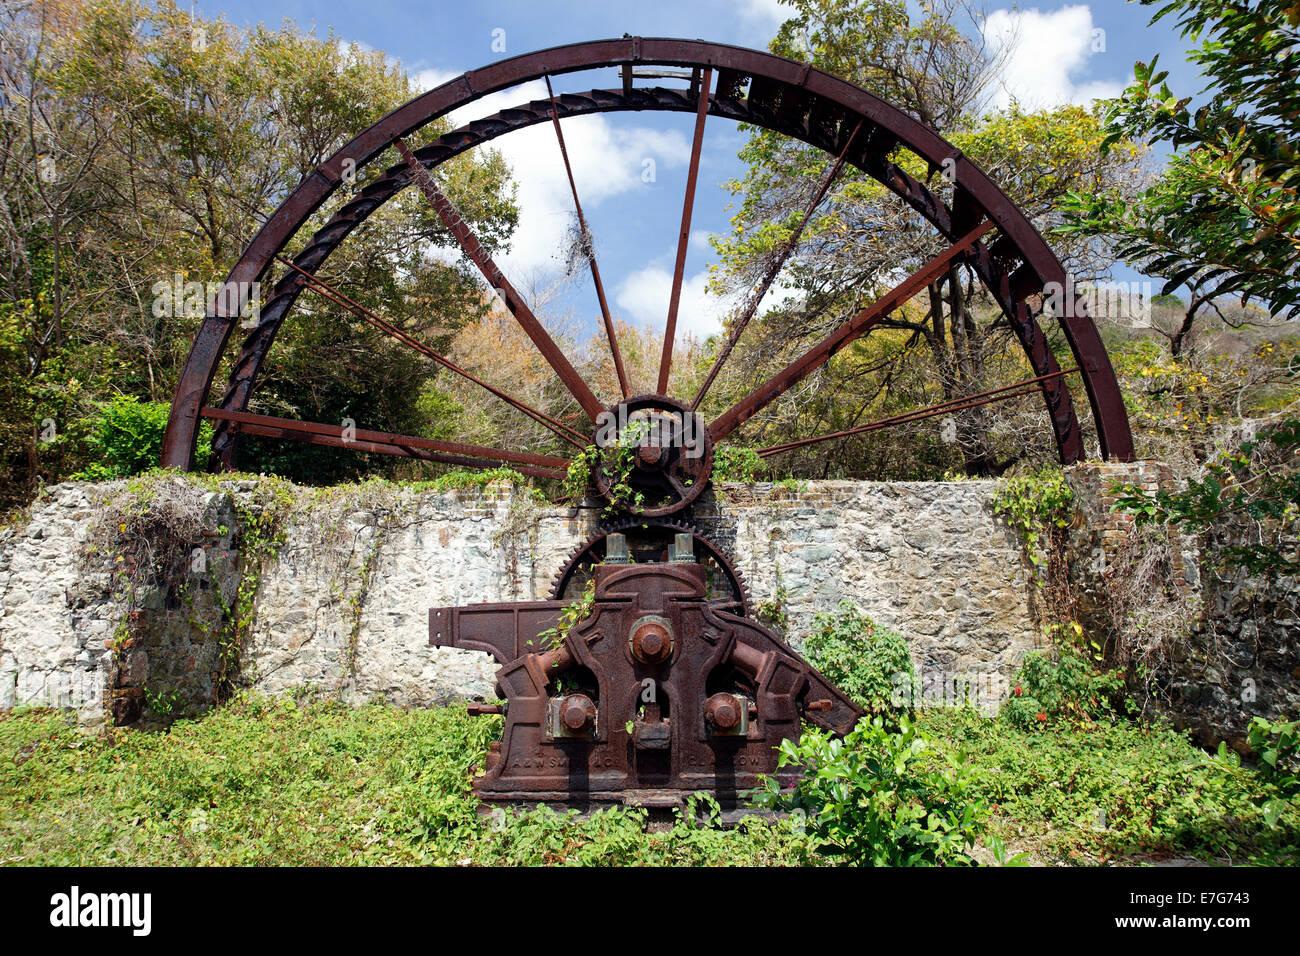 Ancien moulin à canne à sucre, roue du moulin, rouillé, Trinité-et-Tobago Photo Stock